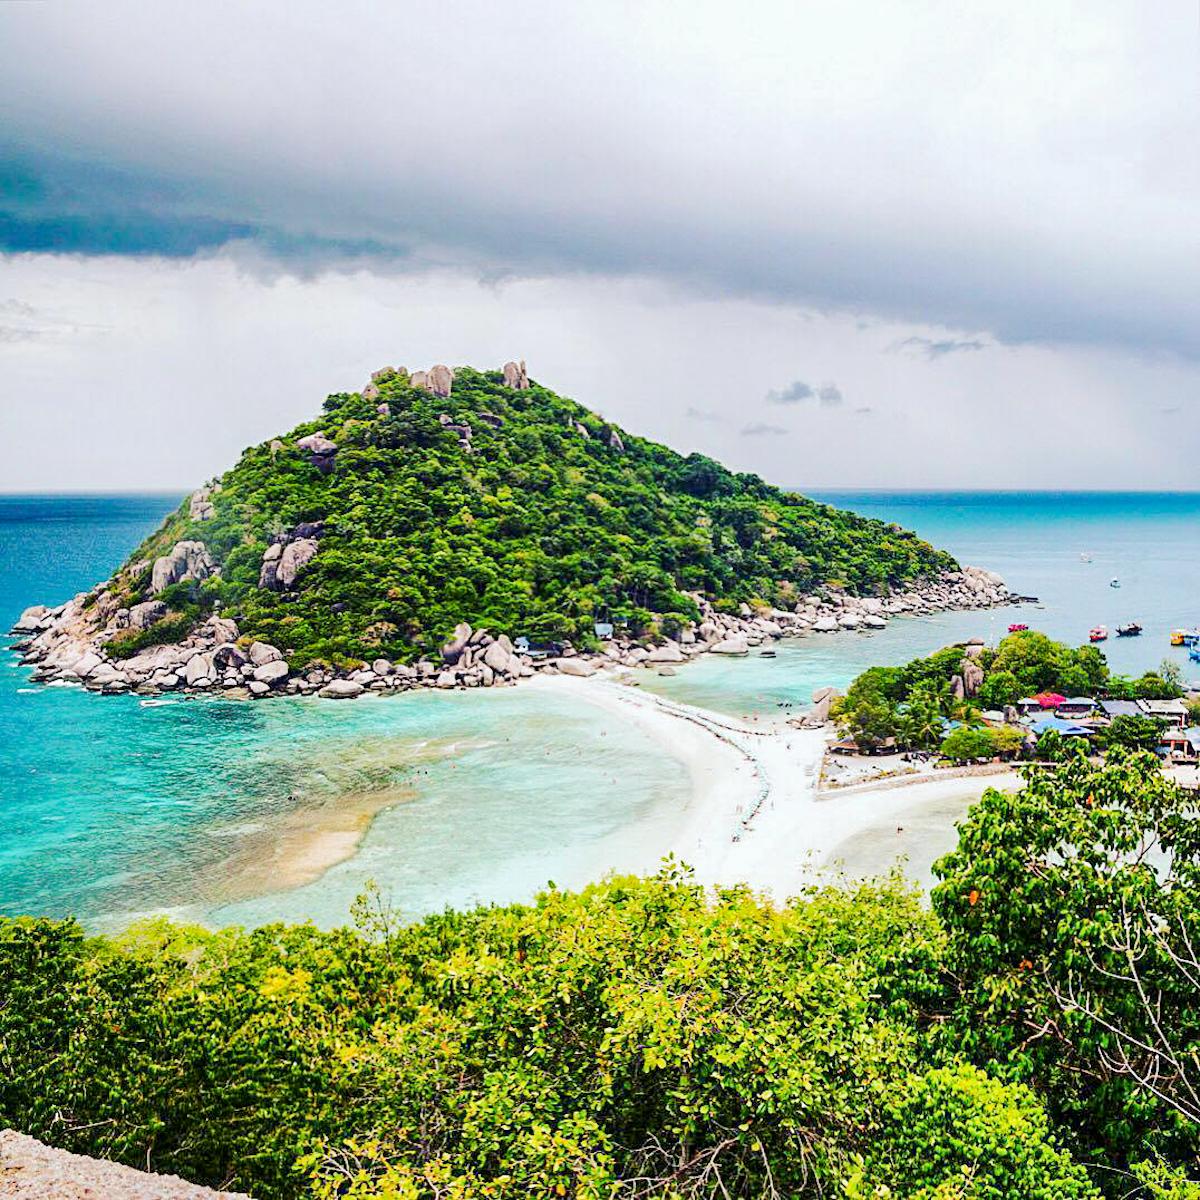 3 snorkelen op koh nang yuan - strand streken - bijzondere streken